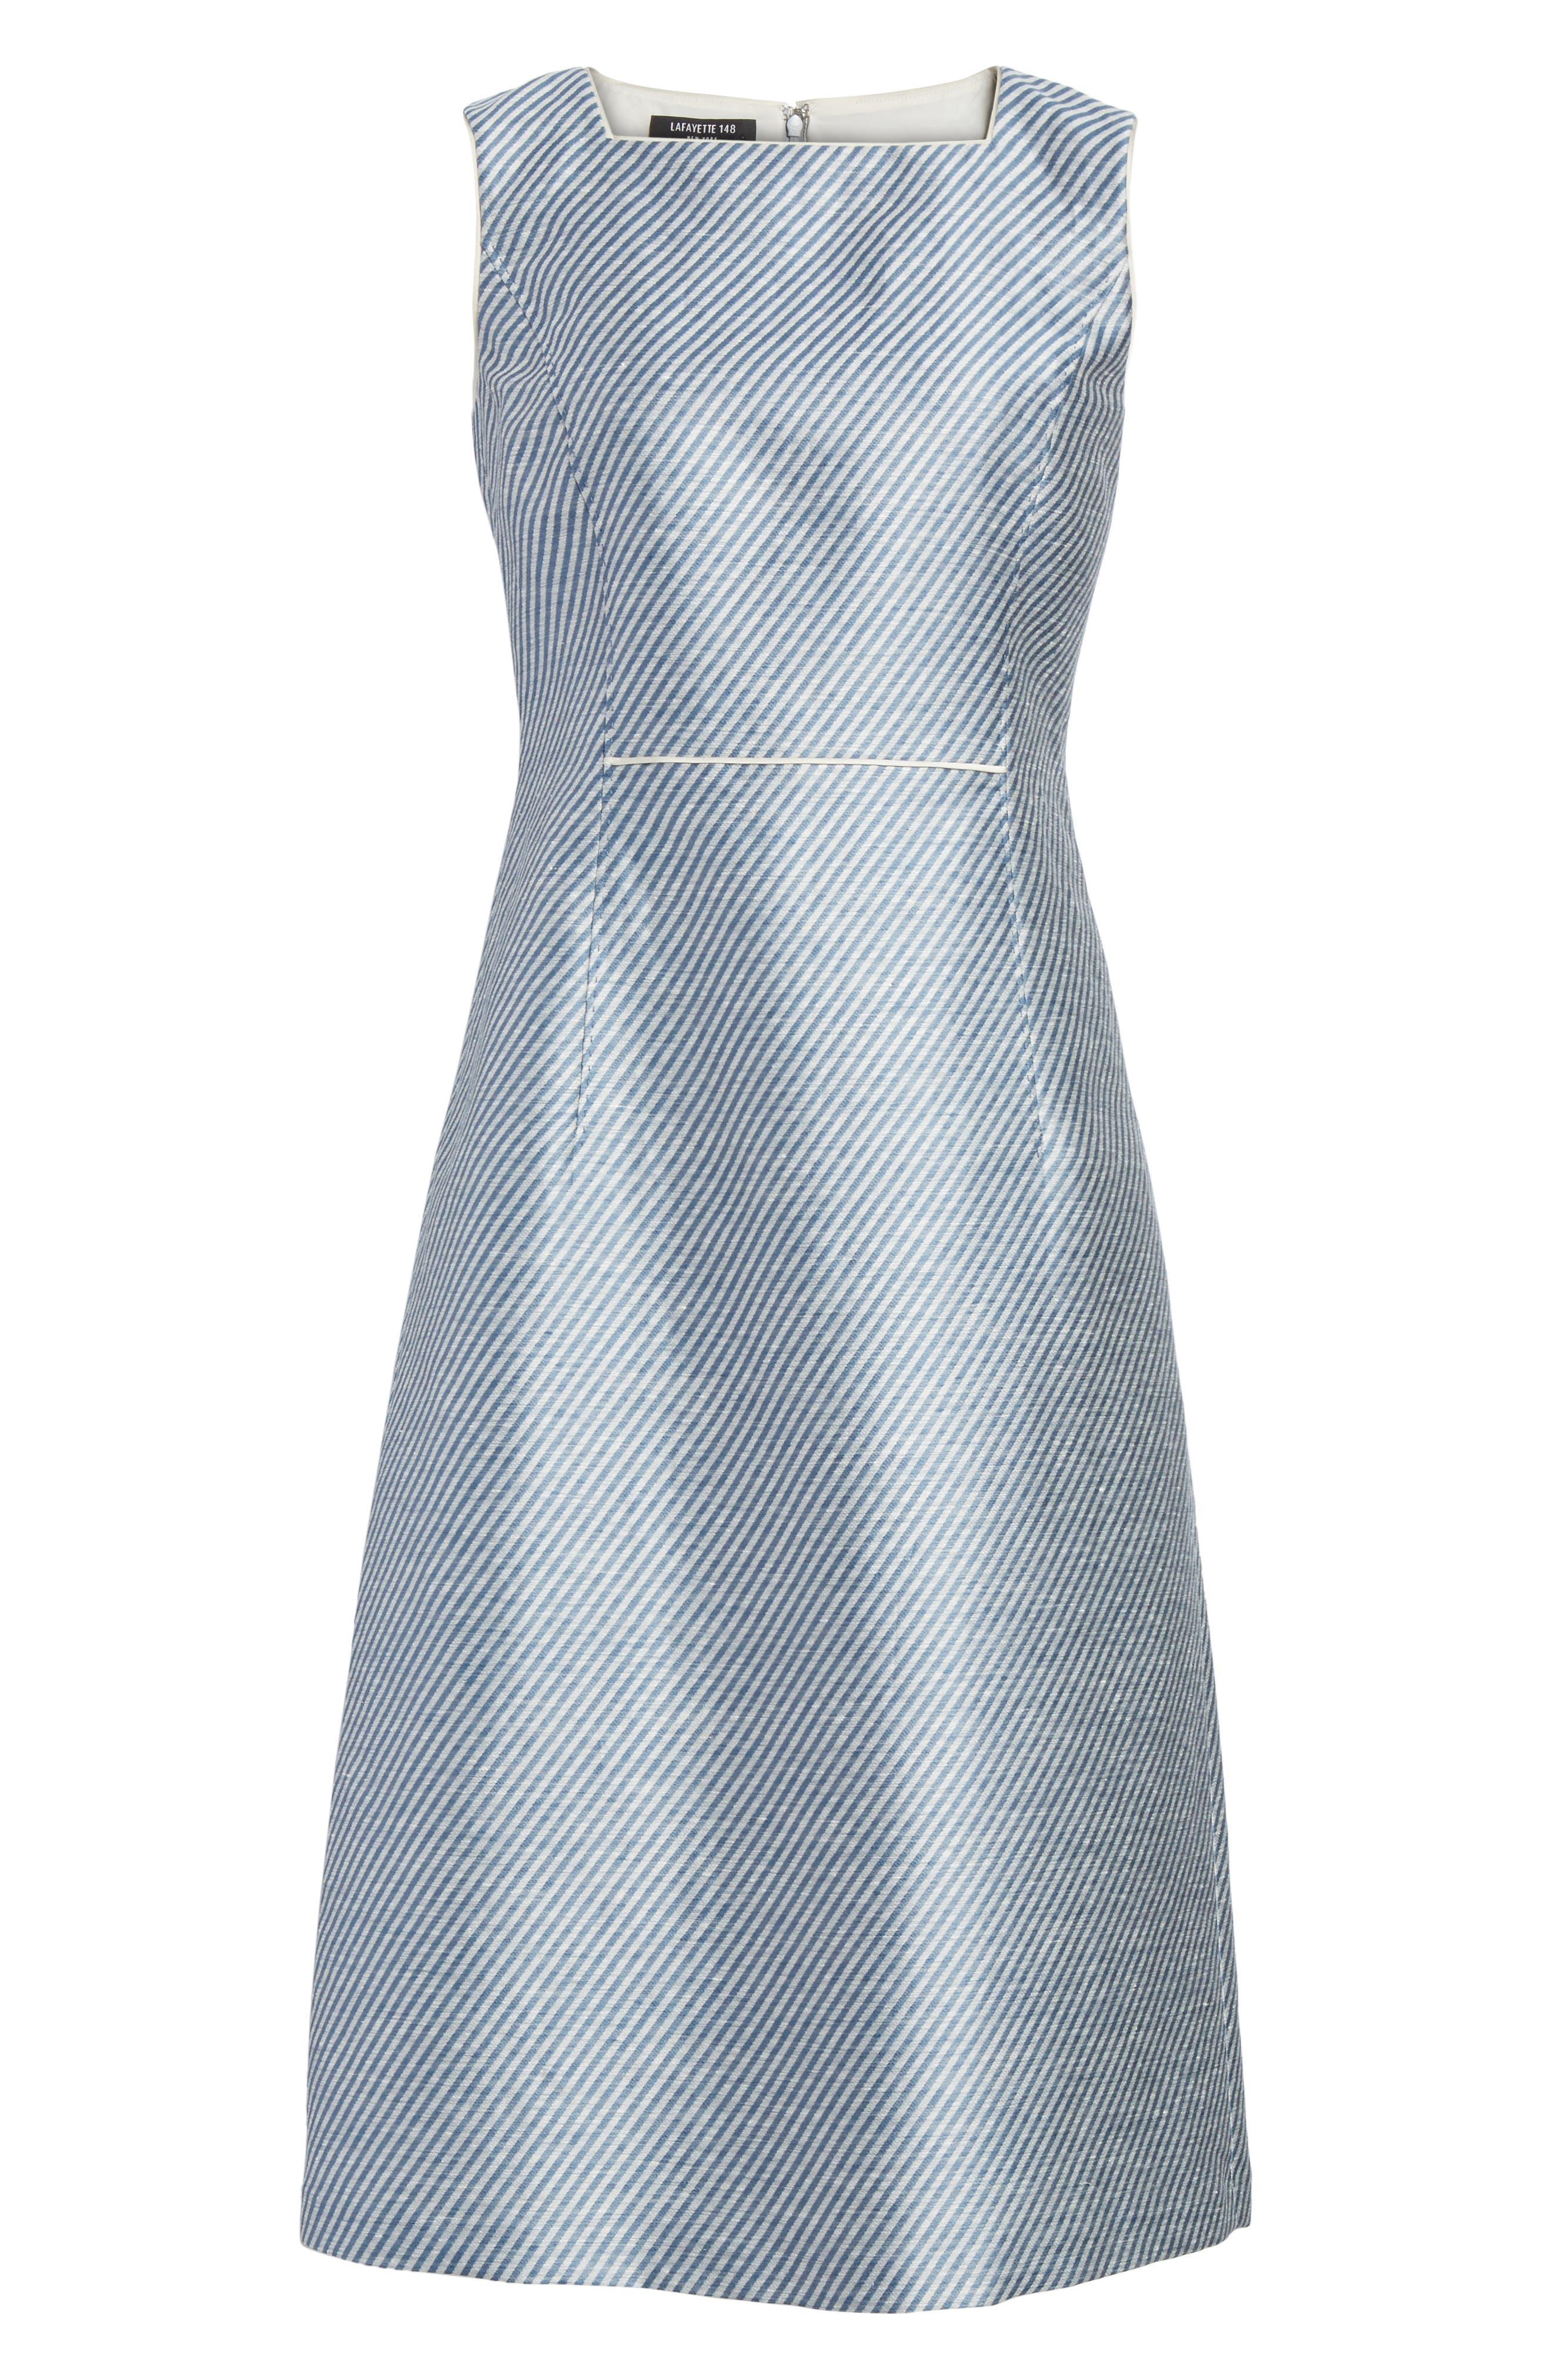 Jojo Sheath Dress,                             Alternate thumbnail 6, color,                             Glaze Blue Multi